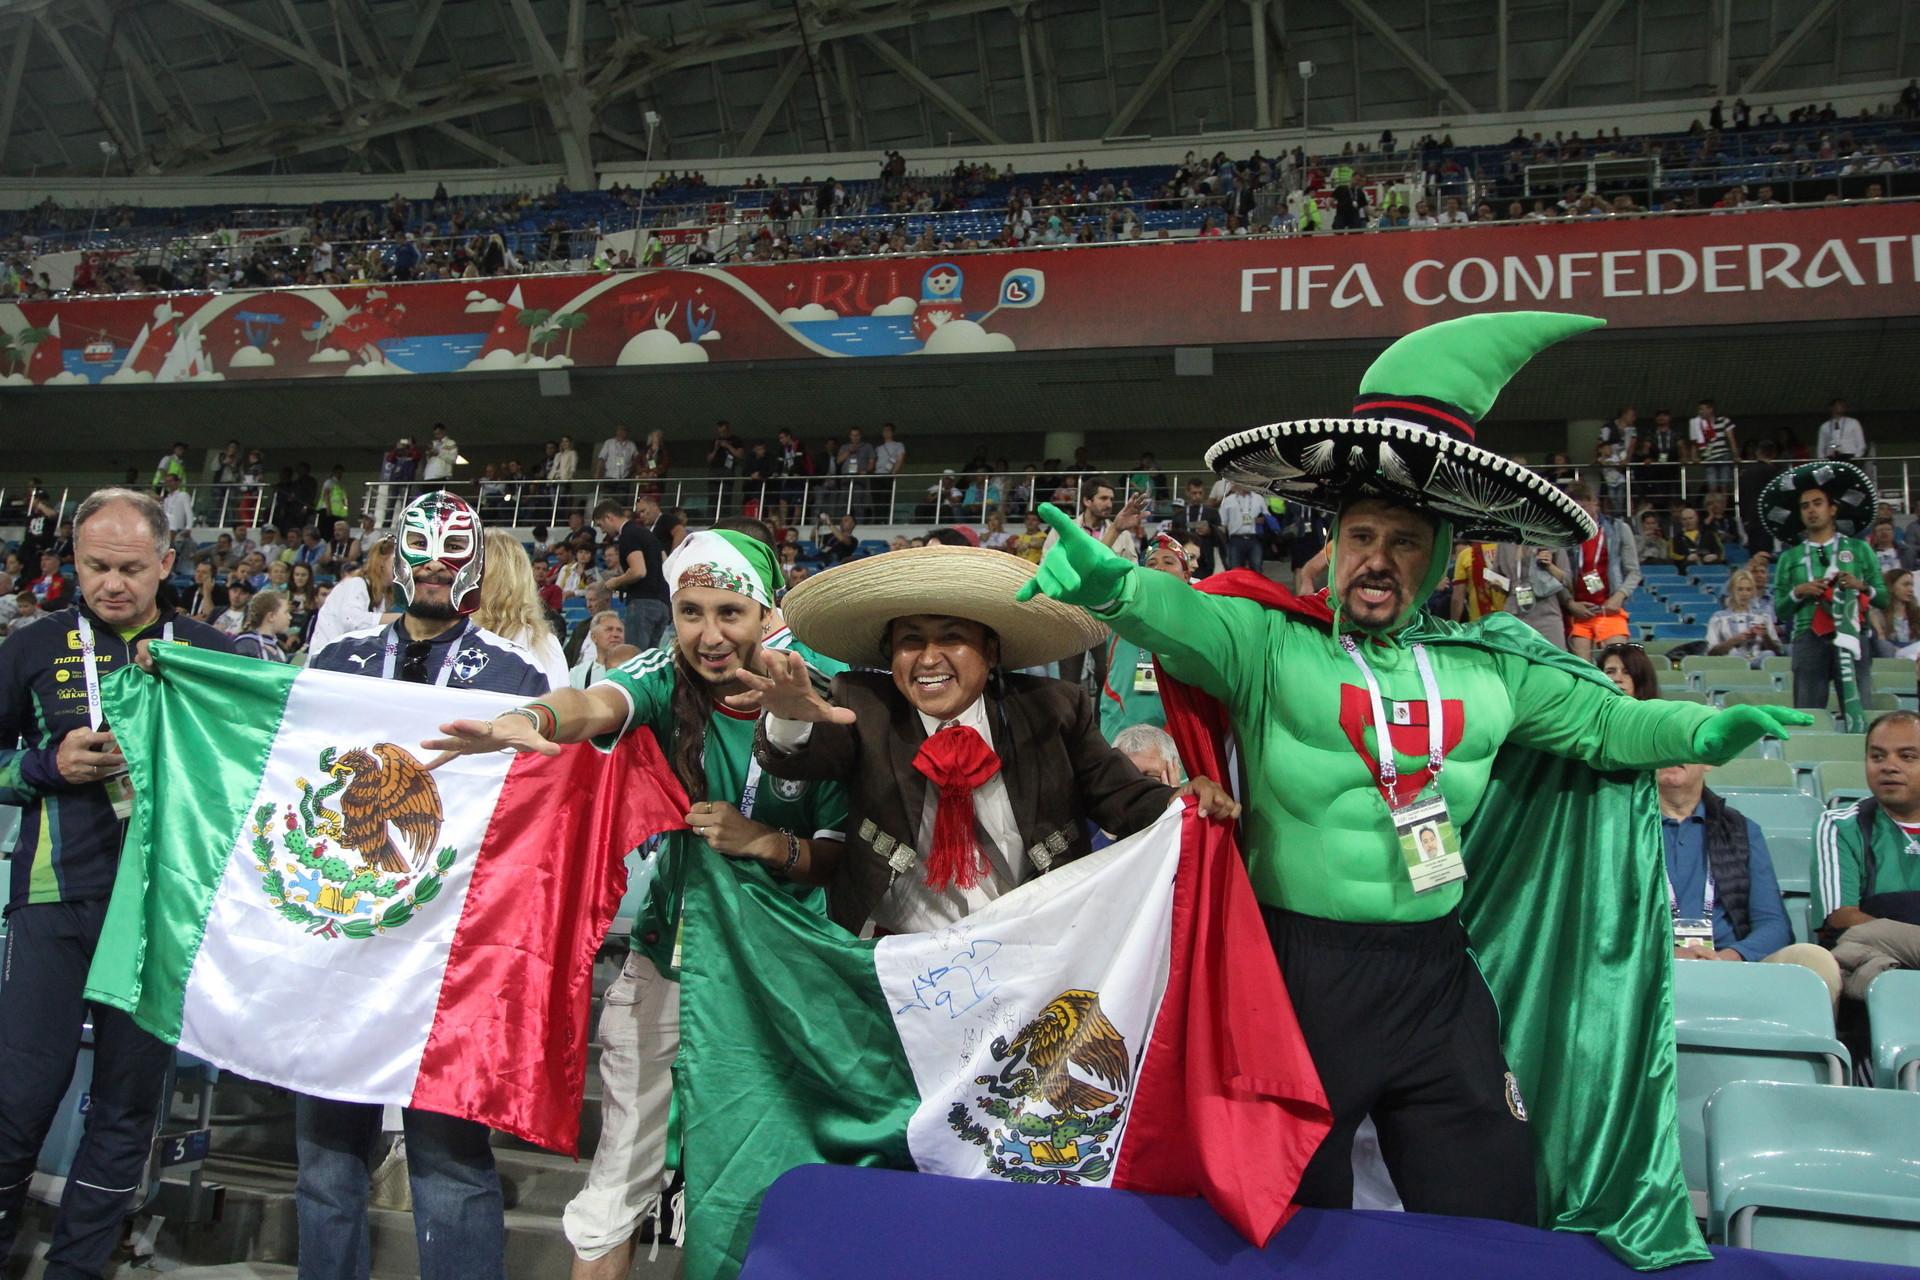 Torcedores mexicanos na Copa das Confederações 2017